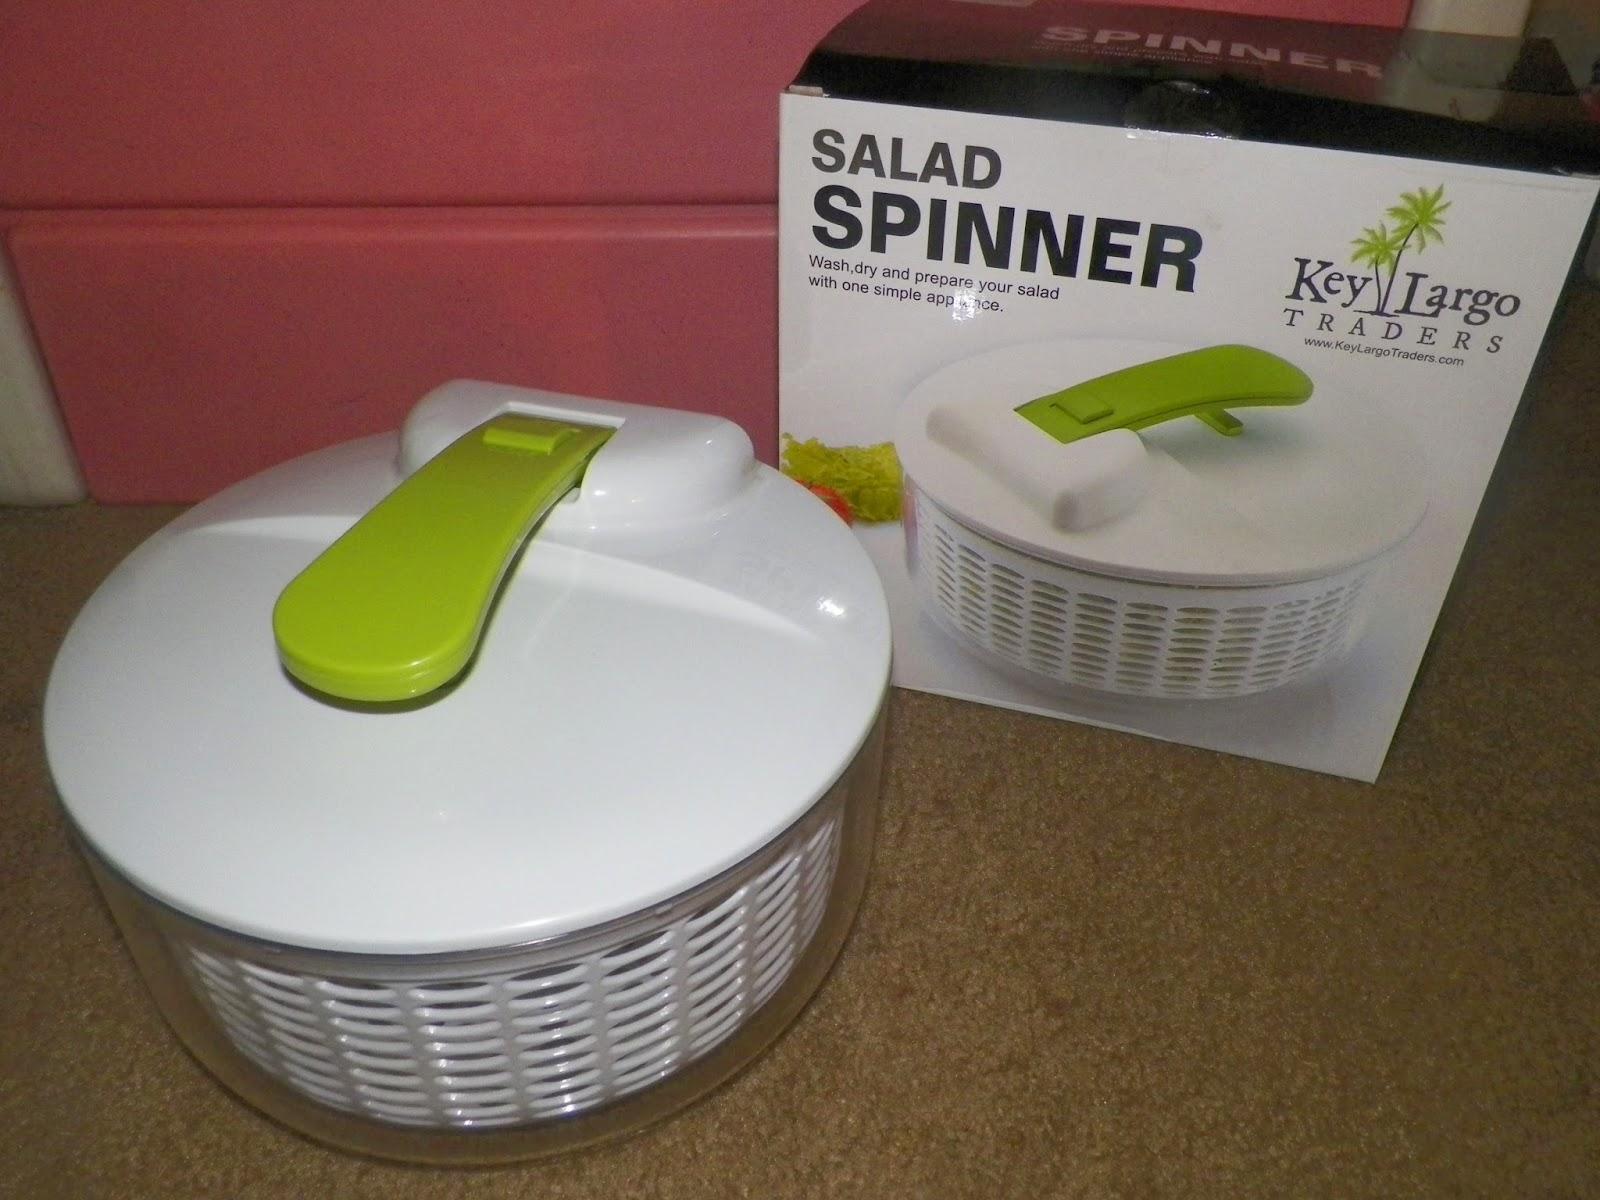 SaladSpinnerKeyLargoTraders.jpg